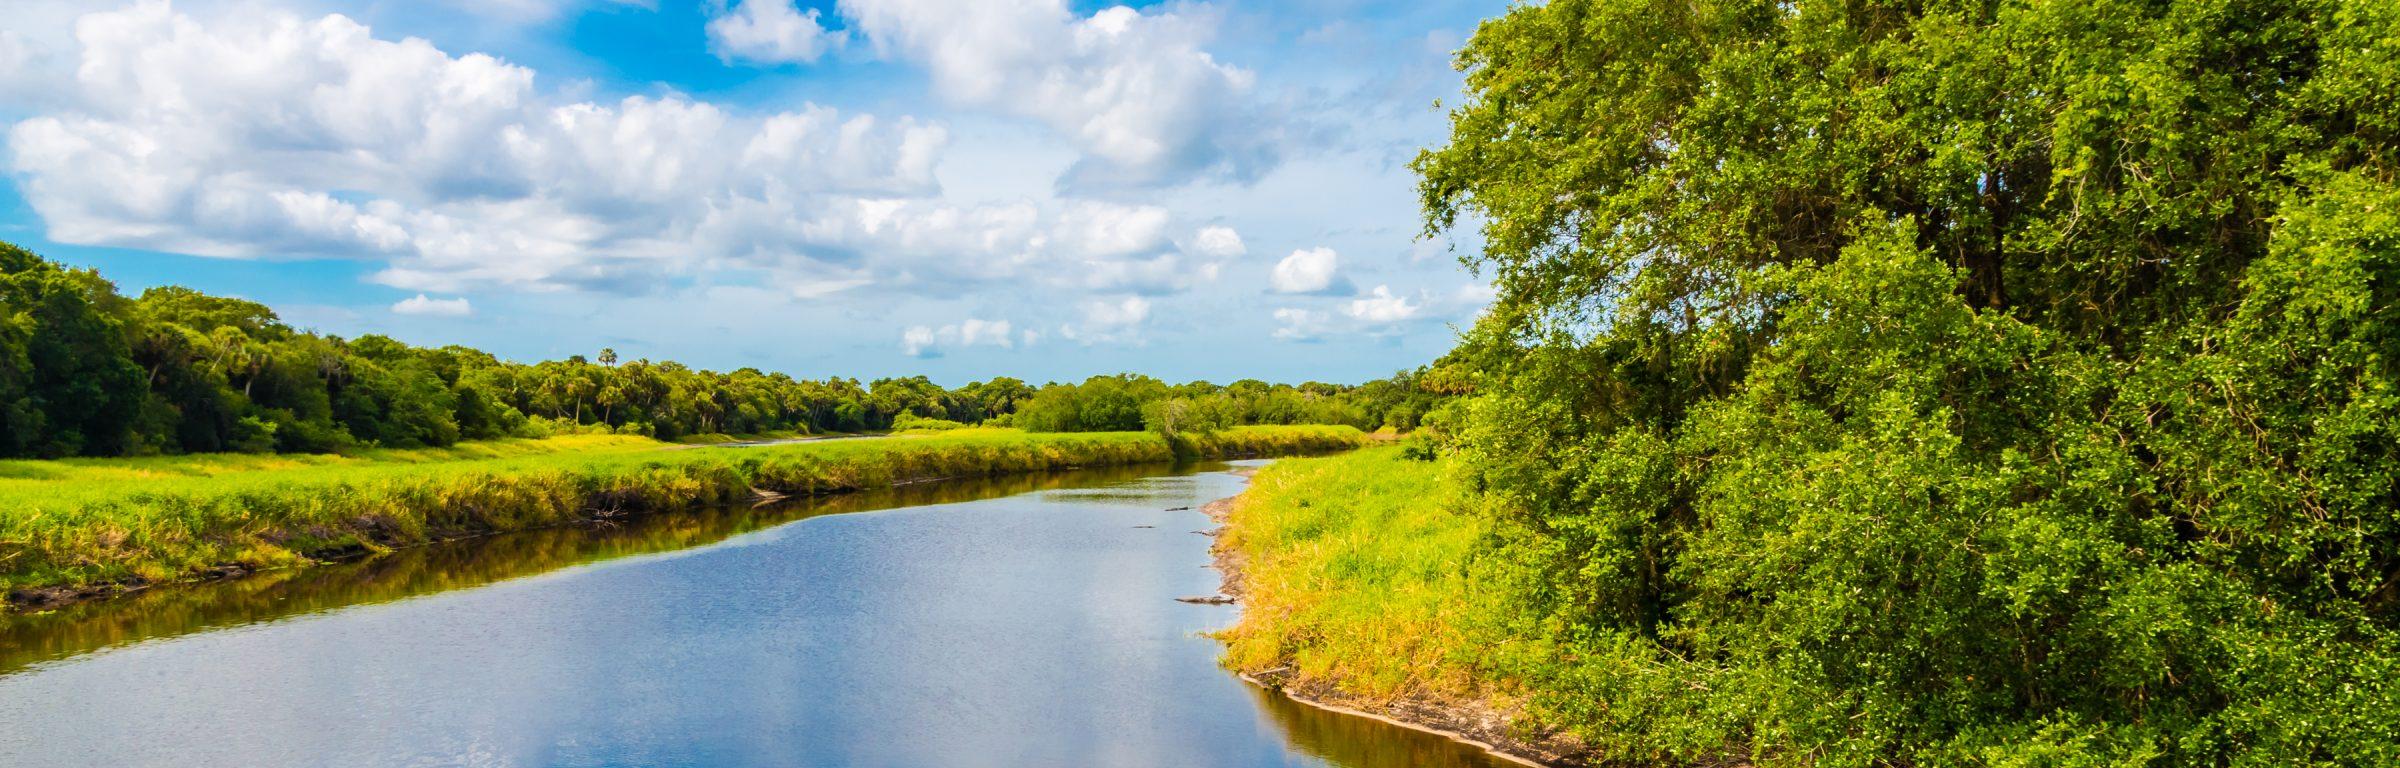 River with alligators at Florida Myakka River State Park. Summer natural landscape, wetland.